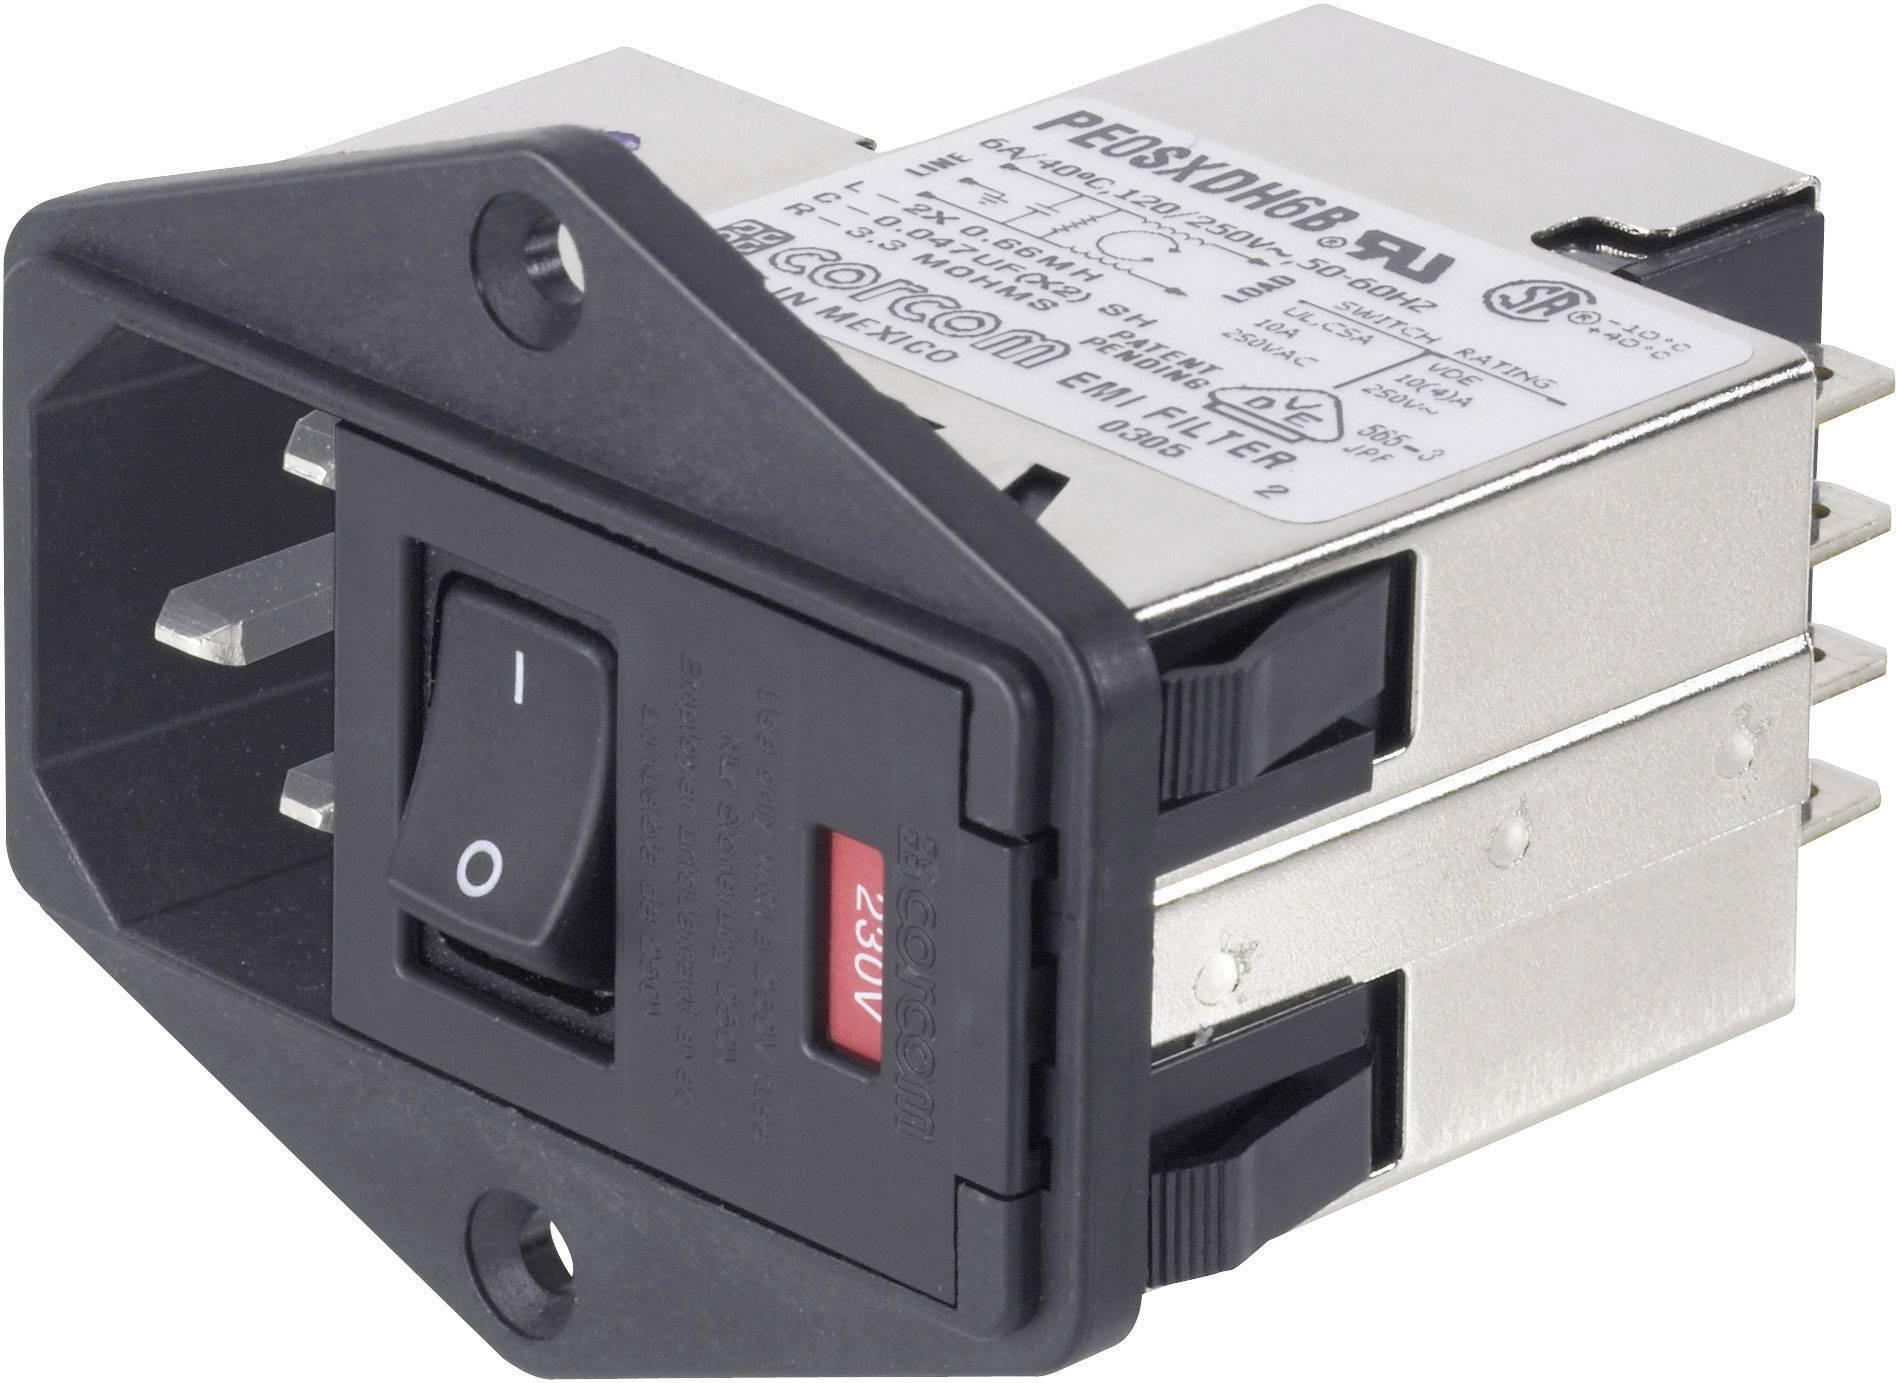 Sieťový filter TE Connectivity PE0SXDSXA=C2228 1-6609929-4, so spínačom, s dvoma poistkami, s IEC zásuvkou, 250 V/AC, 10 A, 1 ks